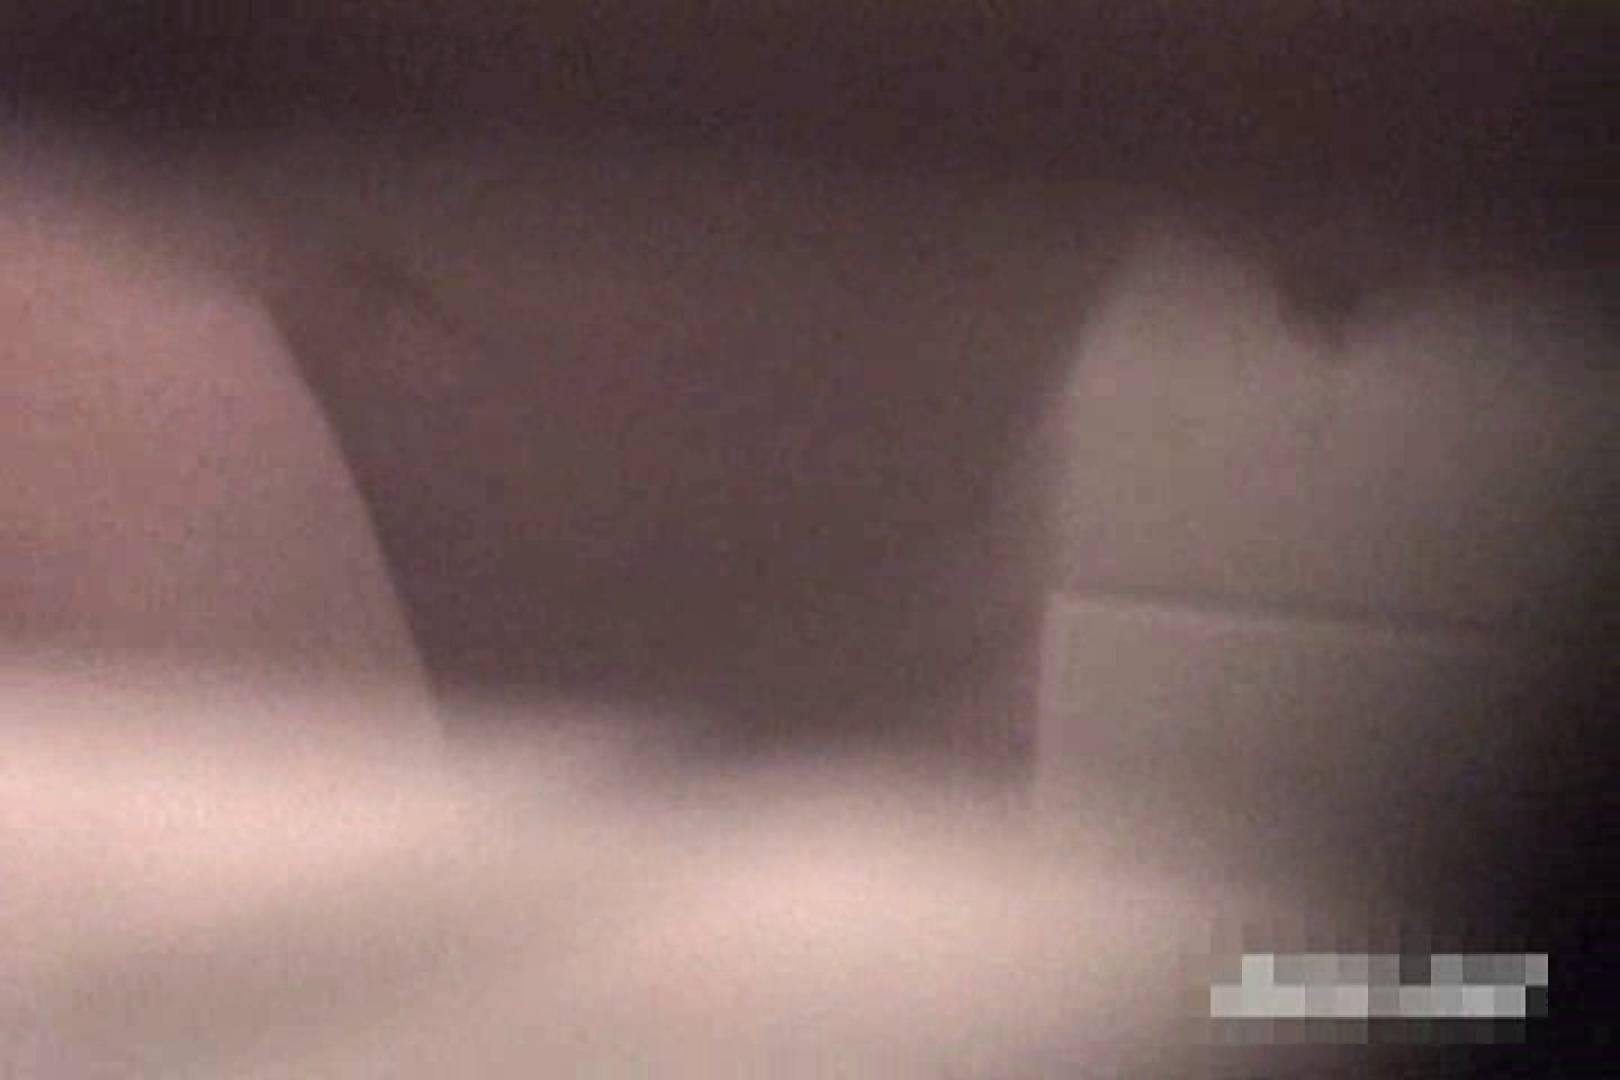 深夜の撮影会Vol.4 巨乳 覗きおまんこ画像 95pic 22